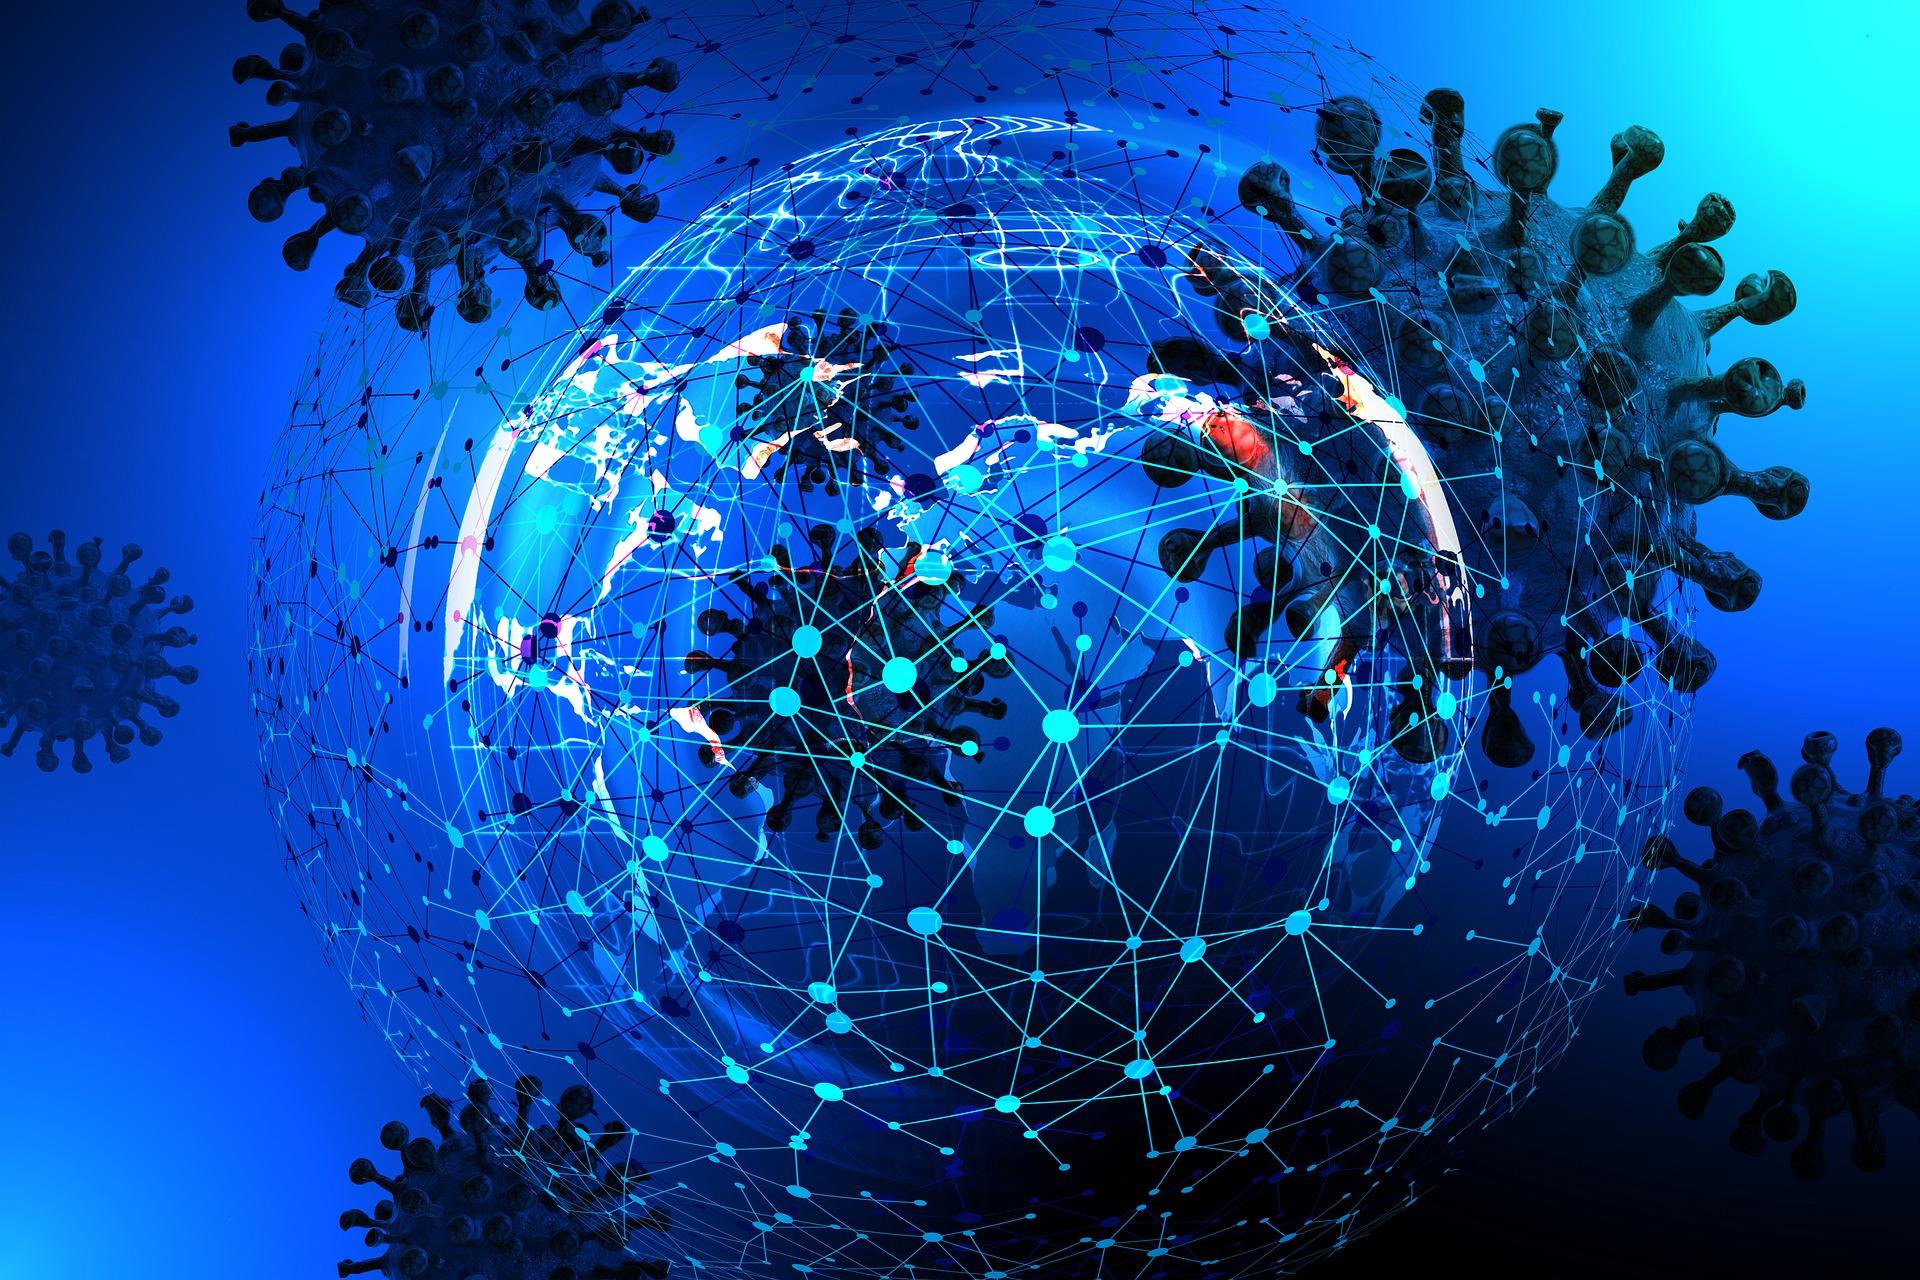 Глава ВОЗ заявил о начале третьей волны пандемии коронавируса на планете